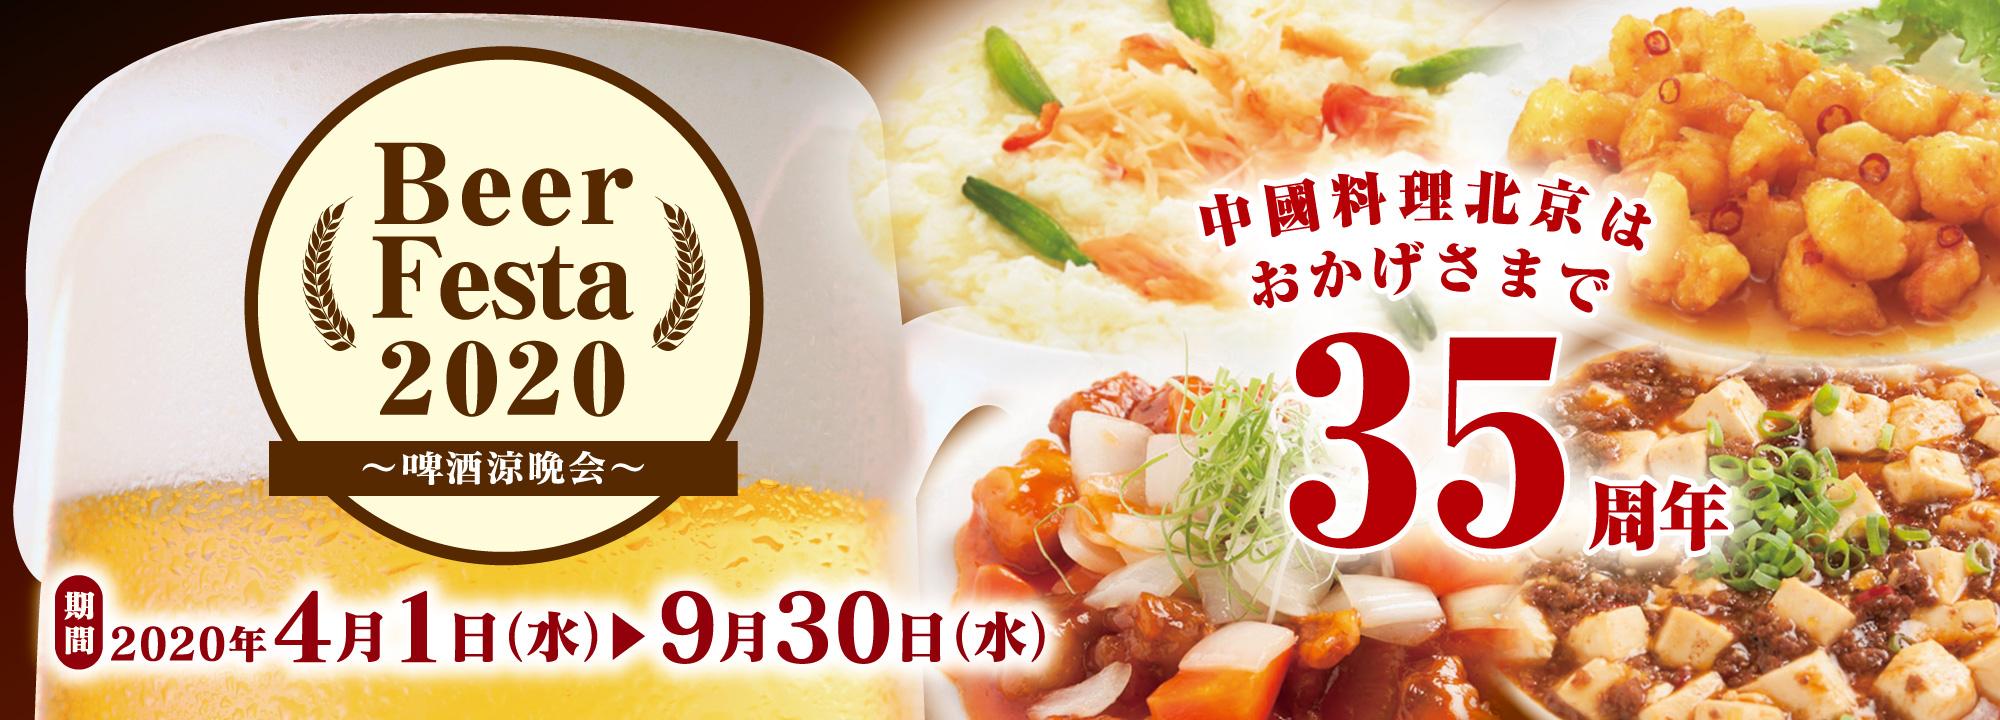 いよてつ会館2階中國料理「北京」 ビアフェスタ2020